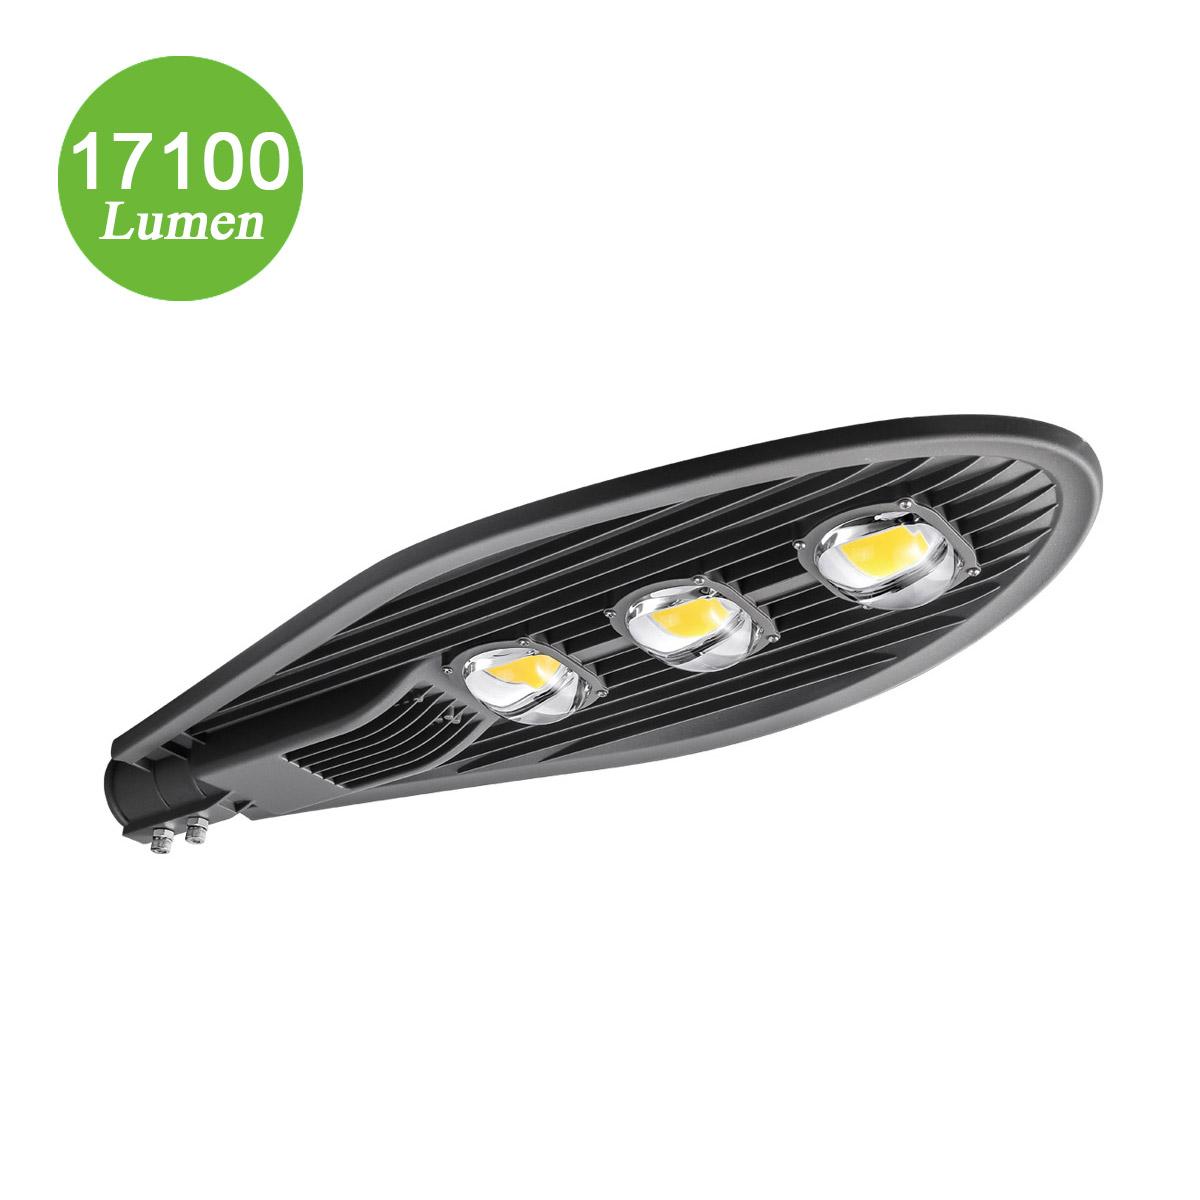 180W Gartenlaterne, Φ60-68mm, 17100lm Gartenbeleuchtung, entspricht 500W NH-Lampe, Kaltweiß